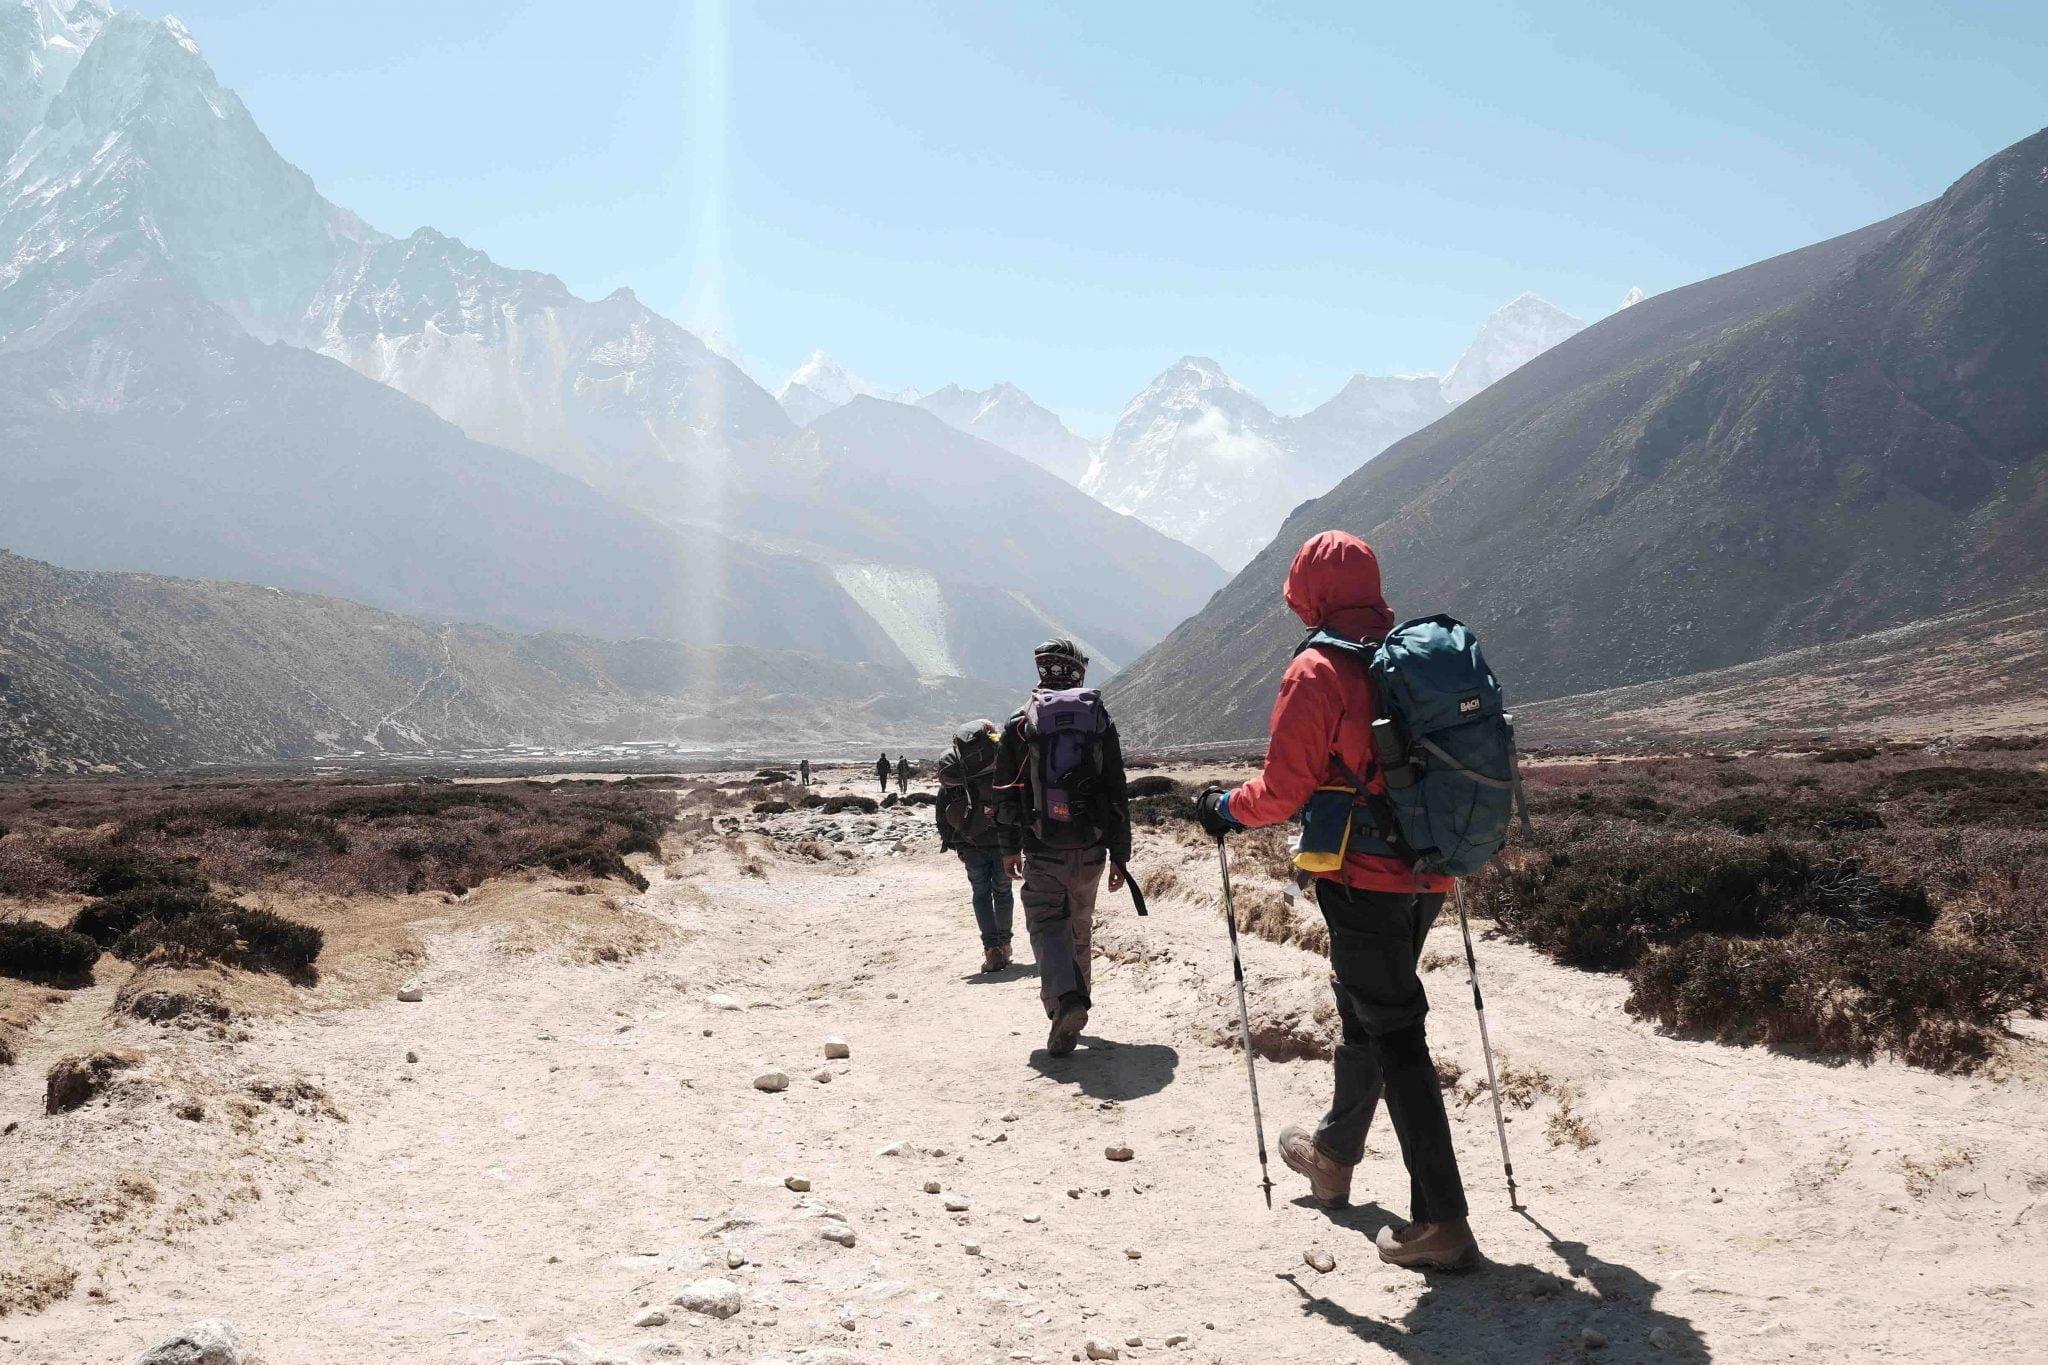 covid 19 update in nepal